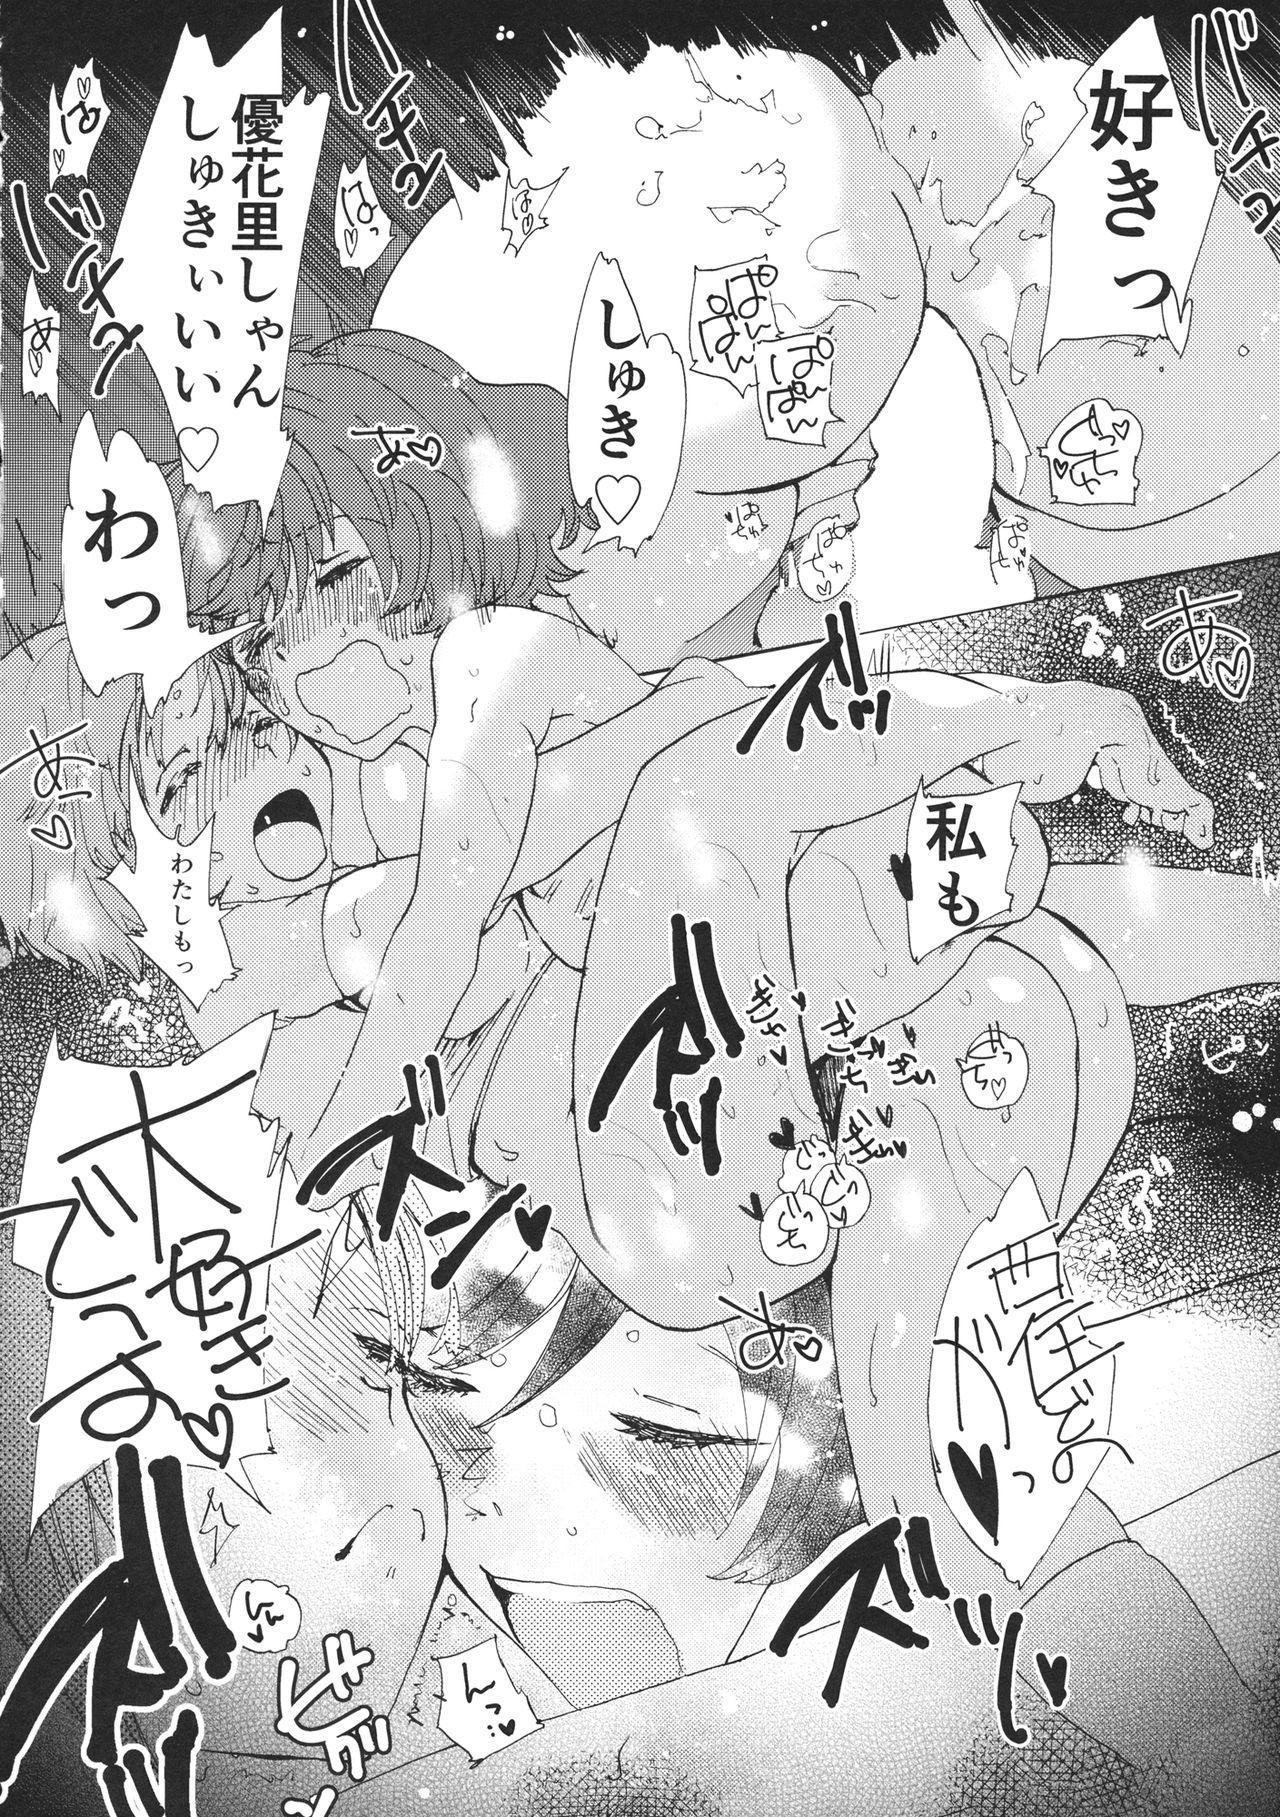 (C93) [Akunaki Hourou (Usimanu)] Miho-chan to Oshikko - mihochan pee (Girls und Panzer) 26